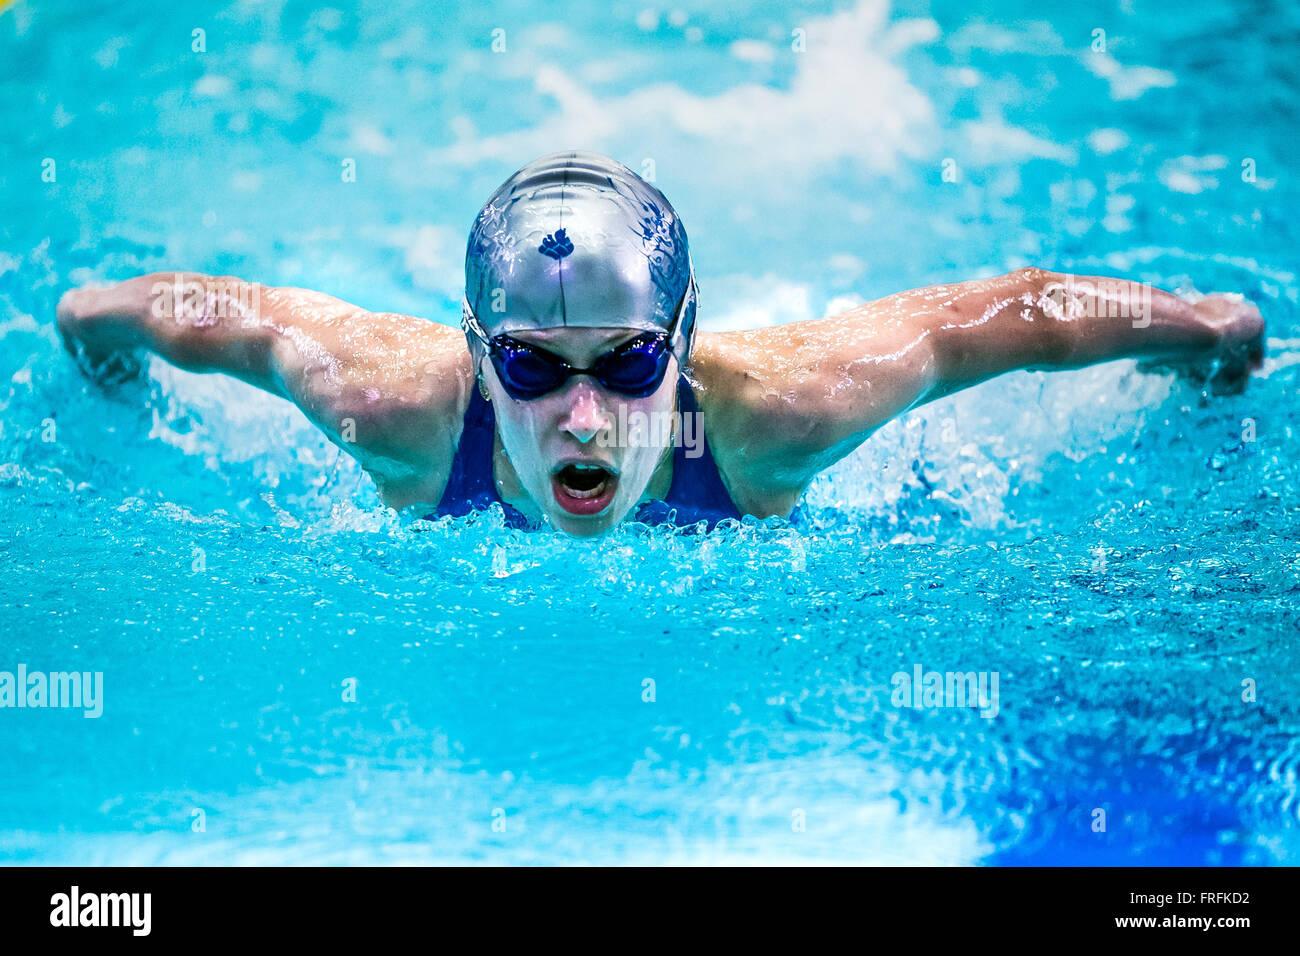 Ragazza nuotatore a distanza farfalla in piscina durante il nuoto internazionale torneo Immagini Stock